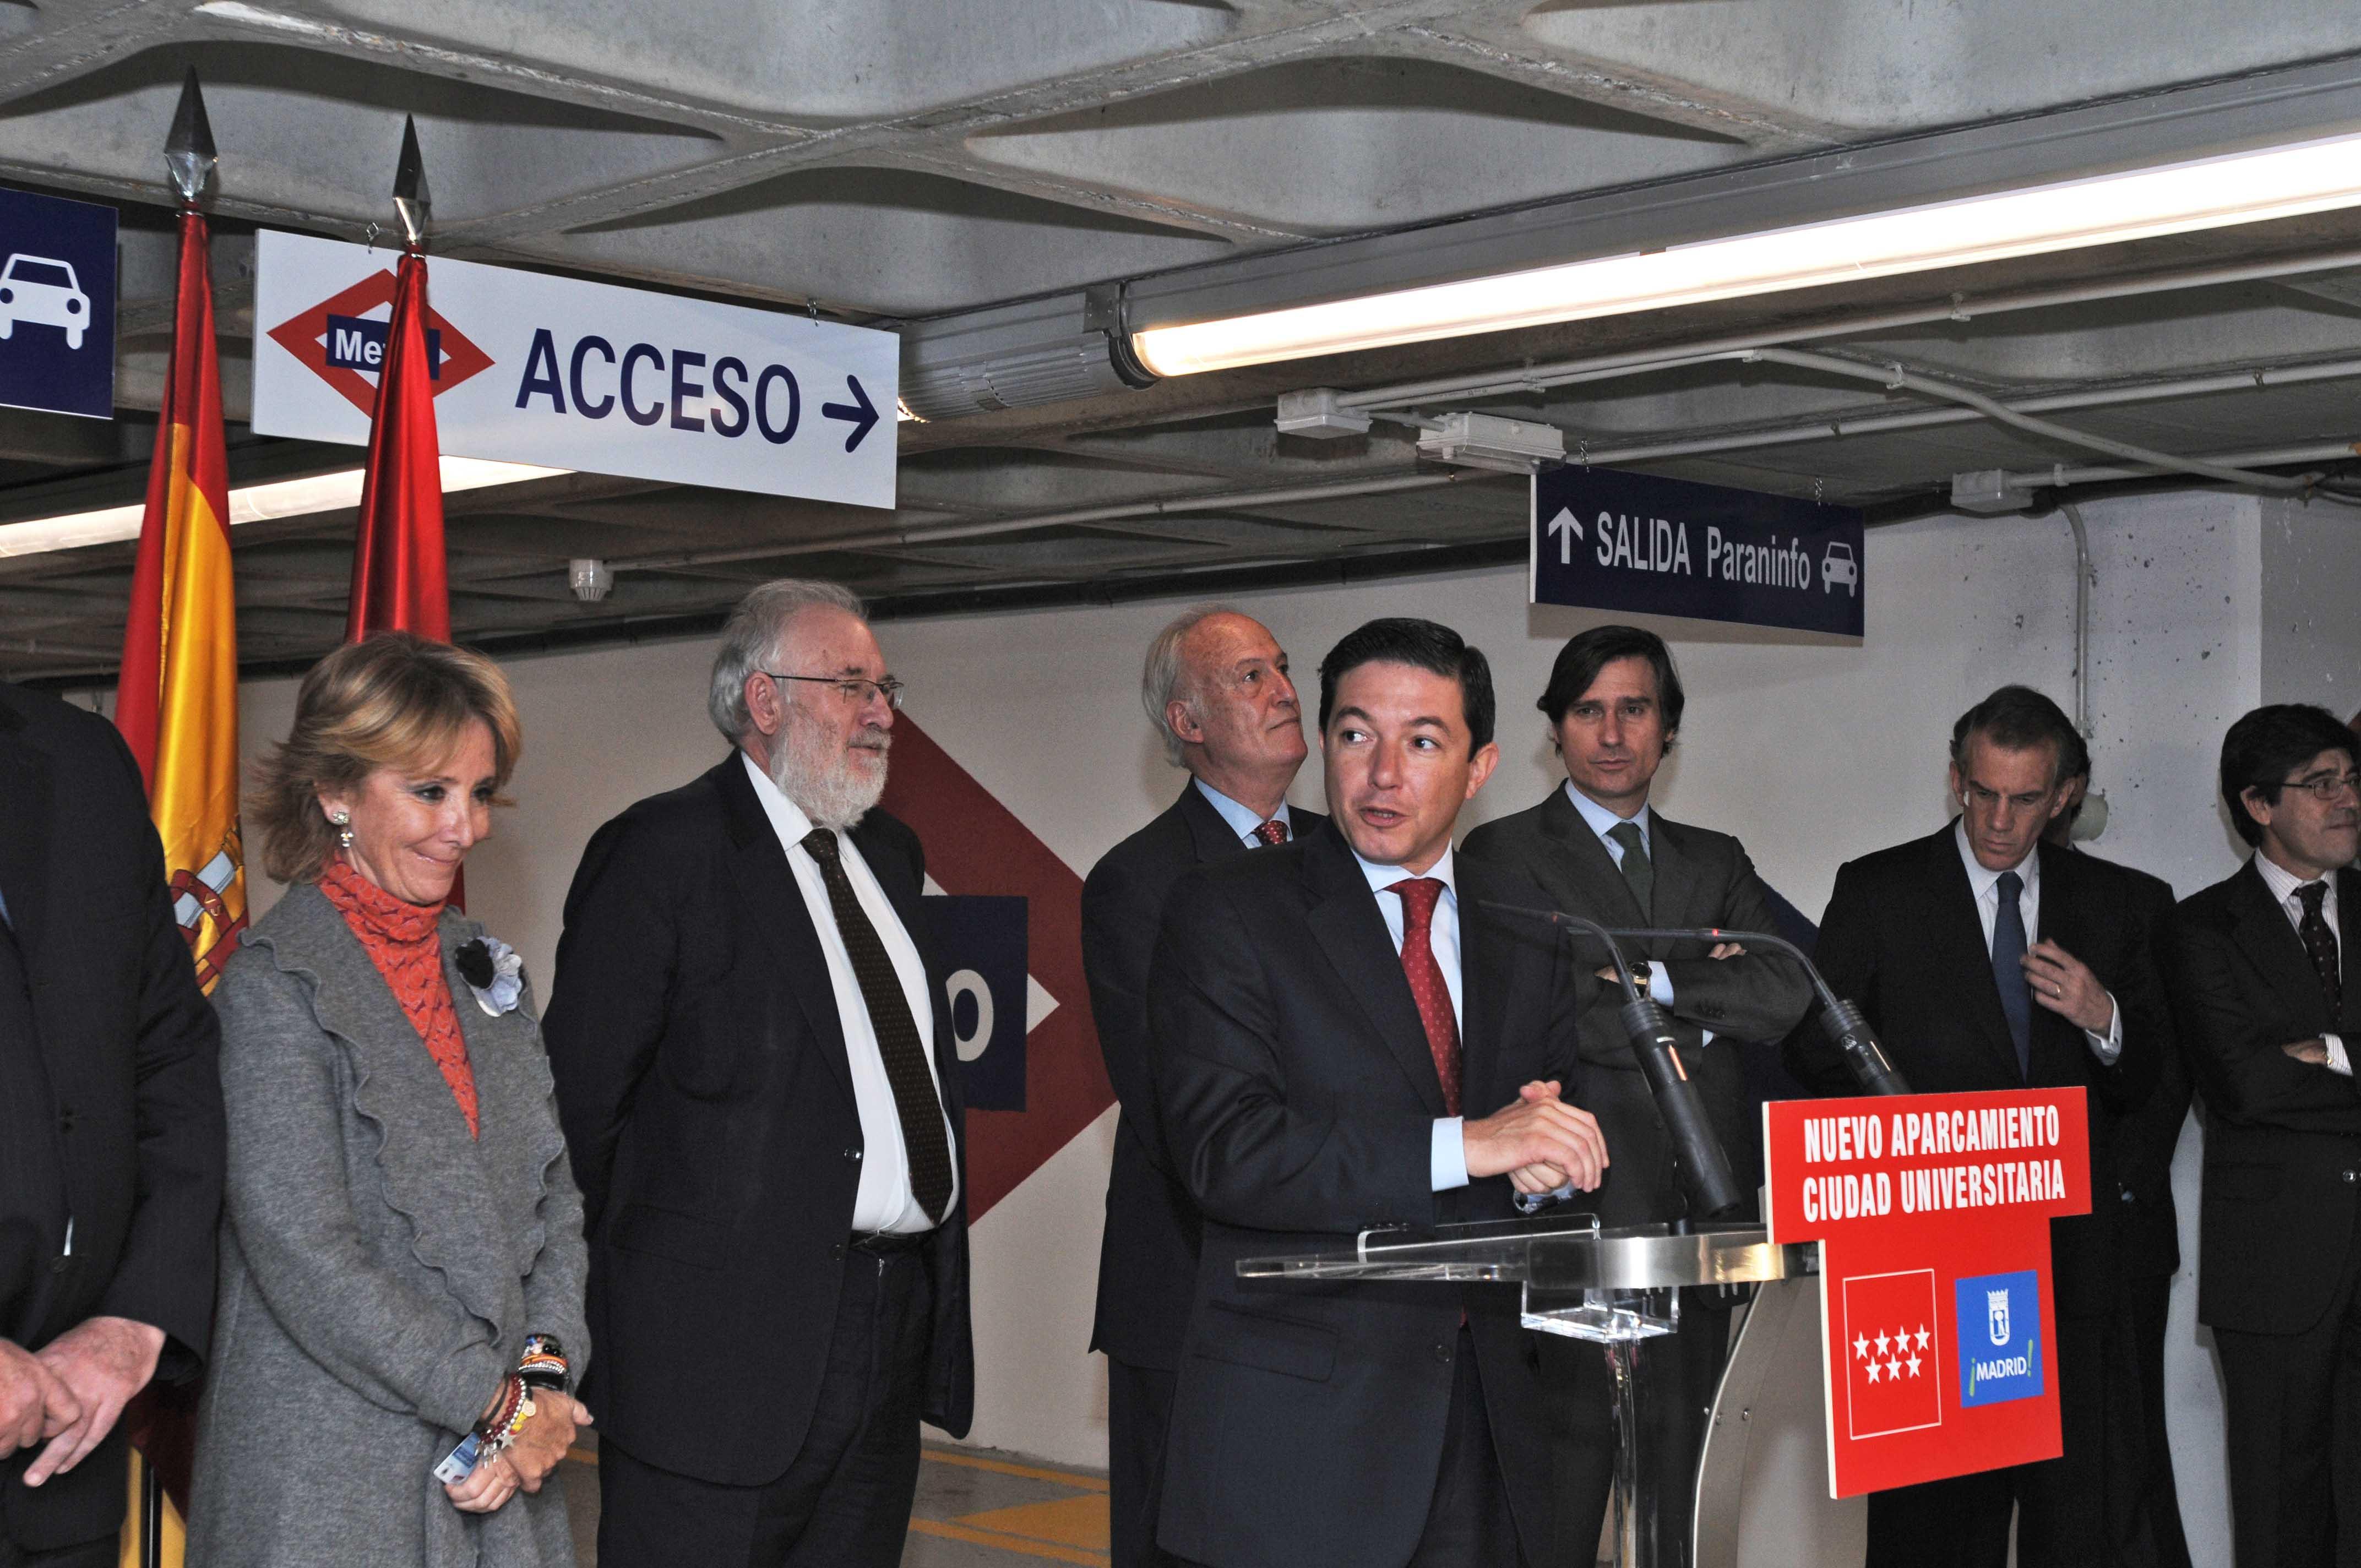 M s aparcamientos en ciudad universitaria ayuntamiento for Oficinas del consorcio de transportes de madrid puesto 2